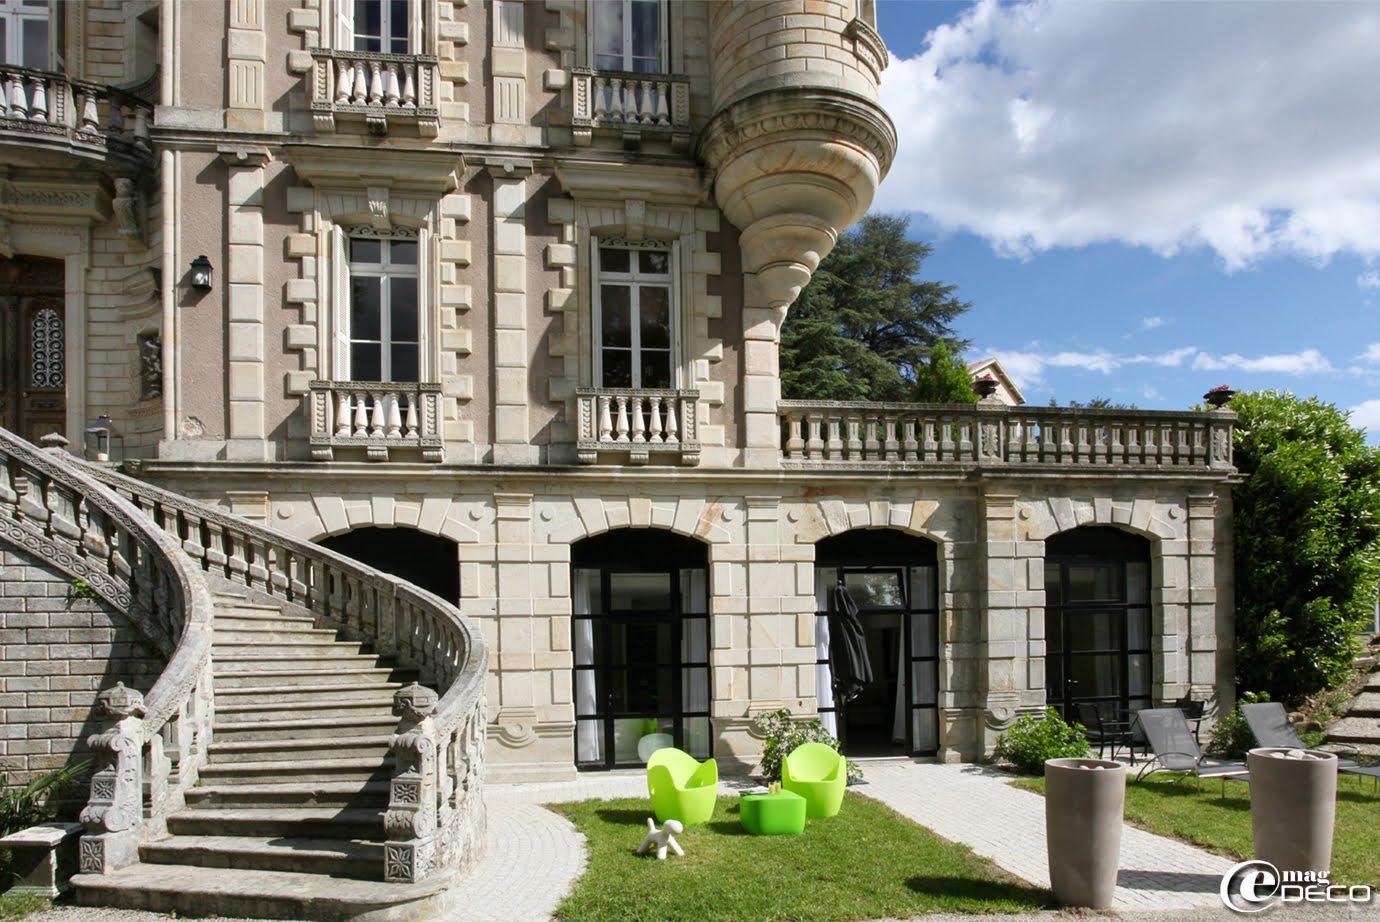 Suite Anis du Château Clément : grande chambre luxueuse de 55 m2 avec salon, ouverte sur le parc avec terrasse et rez-de-jardin privés